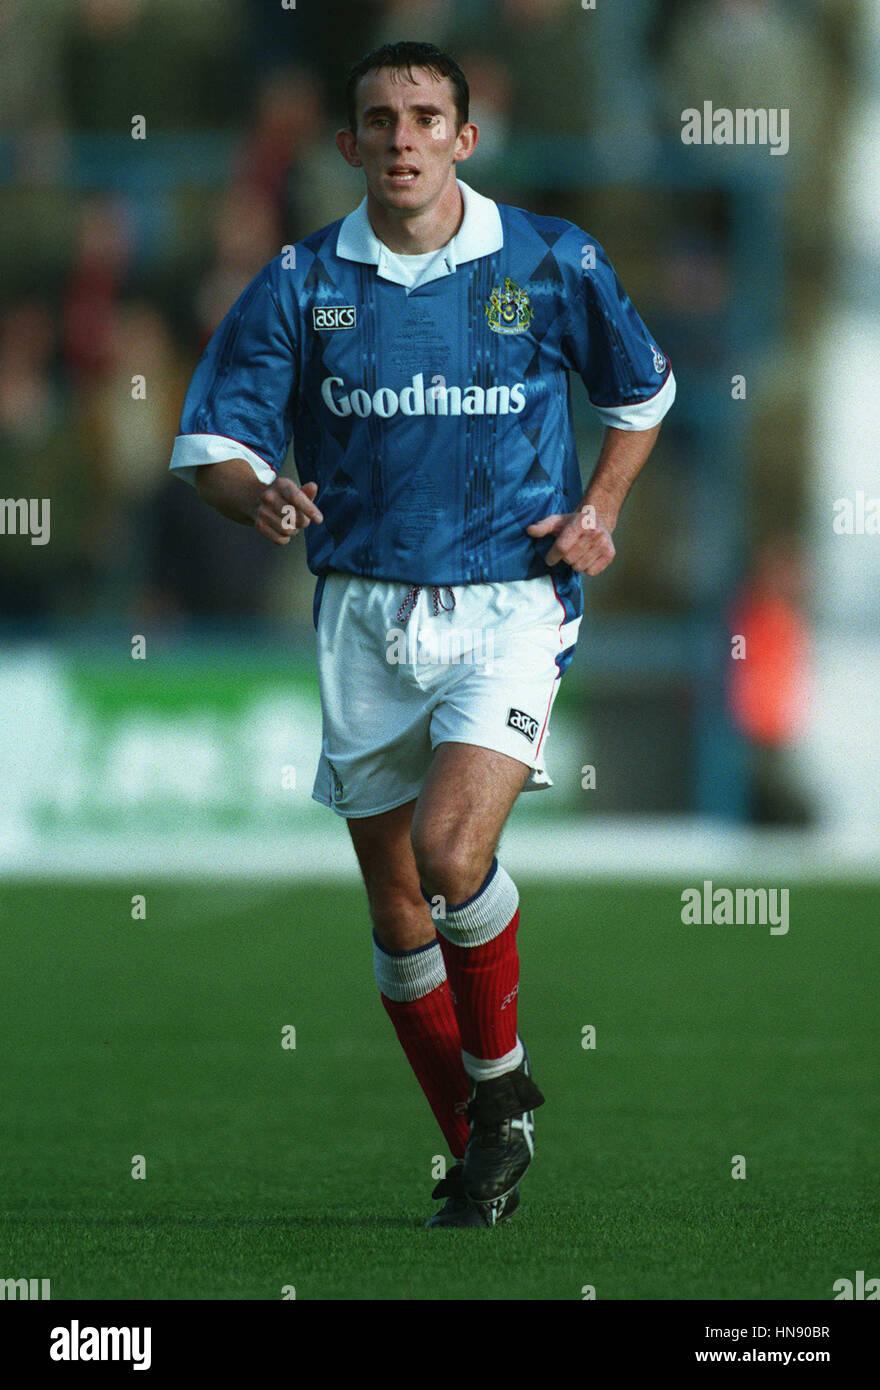 ROBBIE PETHICK PORTSMOUTH FC 26 Octobre 1994 Banque D'Images